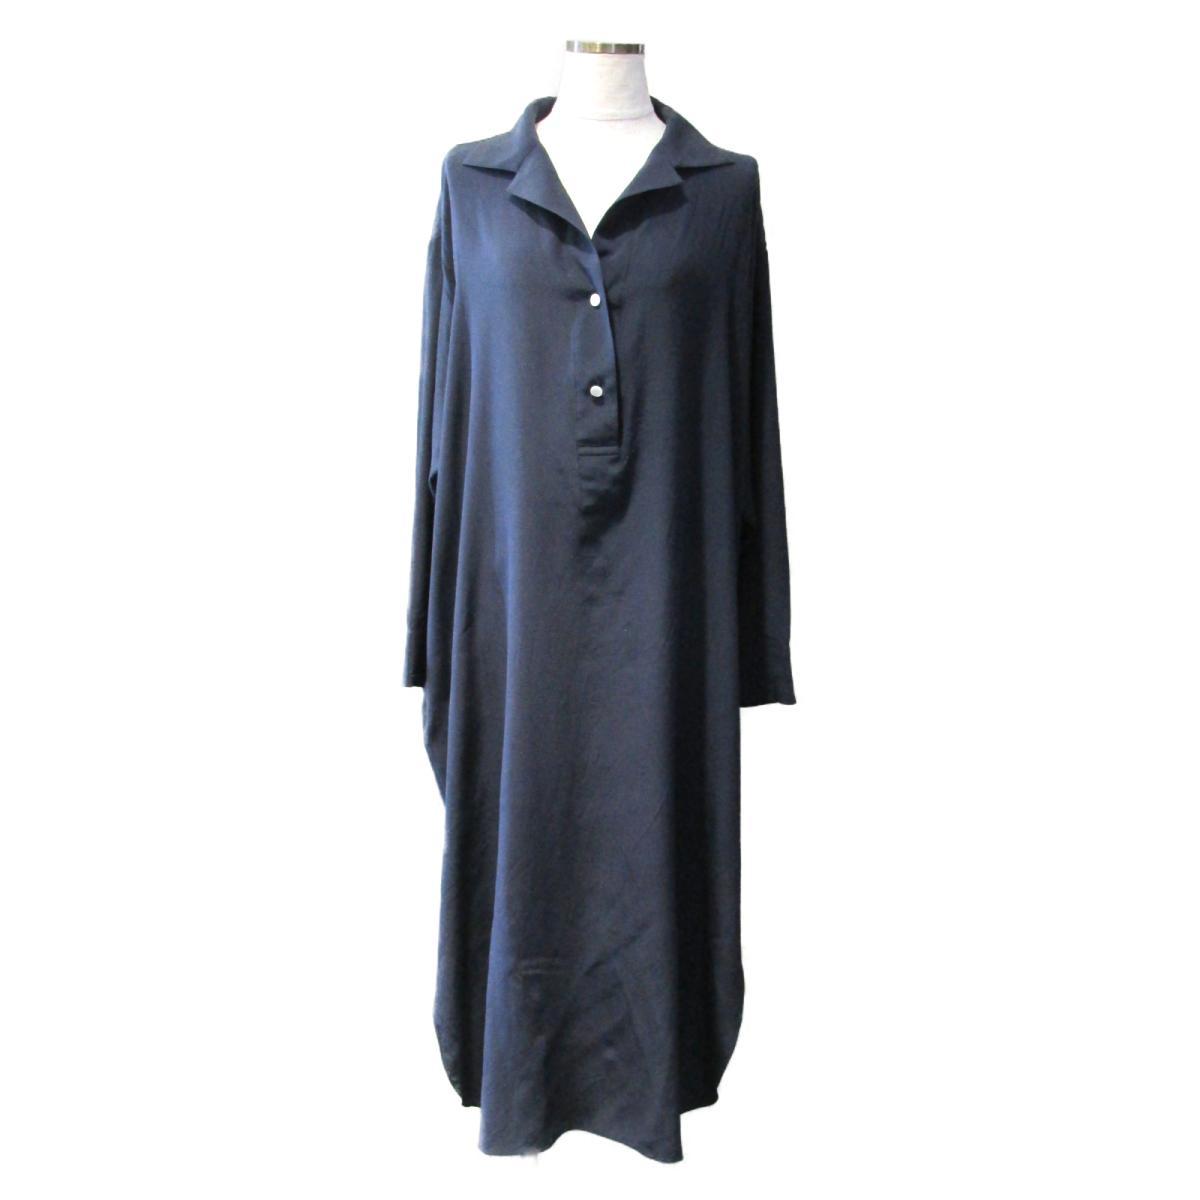 【中古】 セレクション THE ROW ワンピース レディース シルク シルク100% ネイビー | SELECTION BRANDOFF ブランドオフ 衣料品 衣類 ブランド